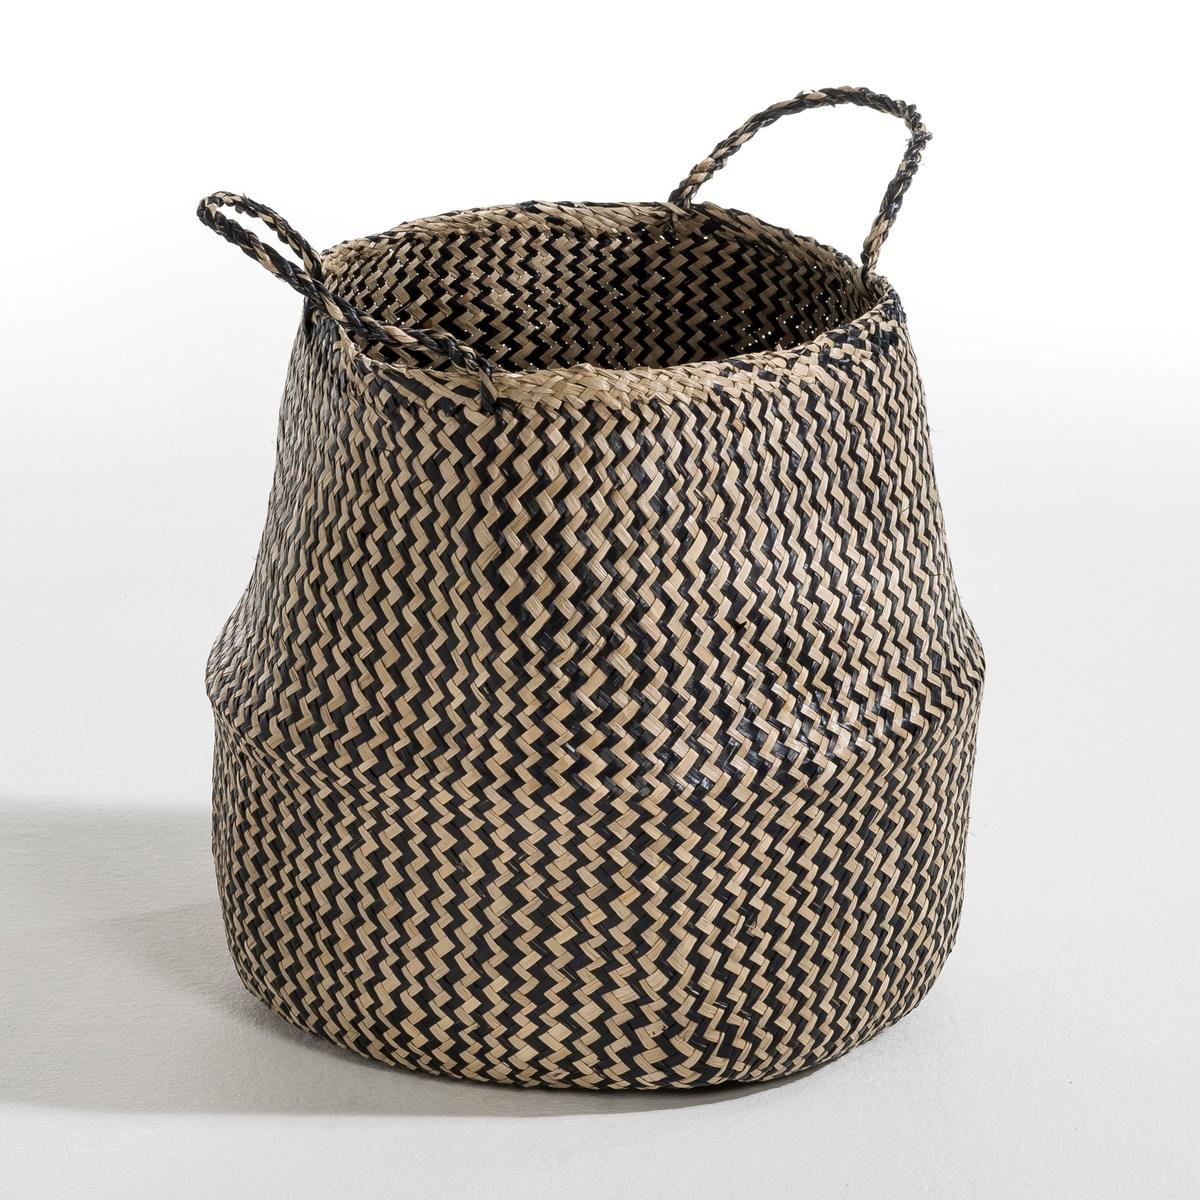 Корзина Trebla, большая модель, В. 35 смХарактеристики :- Из пальмовых листьев.- Ручная работа.Размеры :диаметр 40 x высота 35 см.<br><br>Цвет: экрю/ красный,экрю/ черный